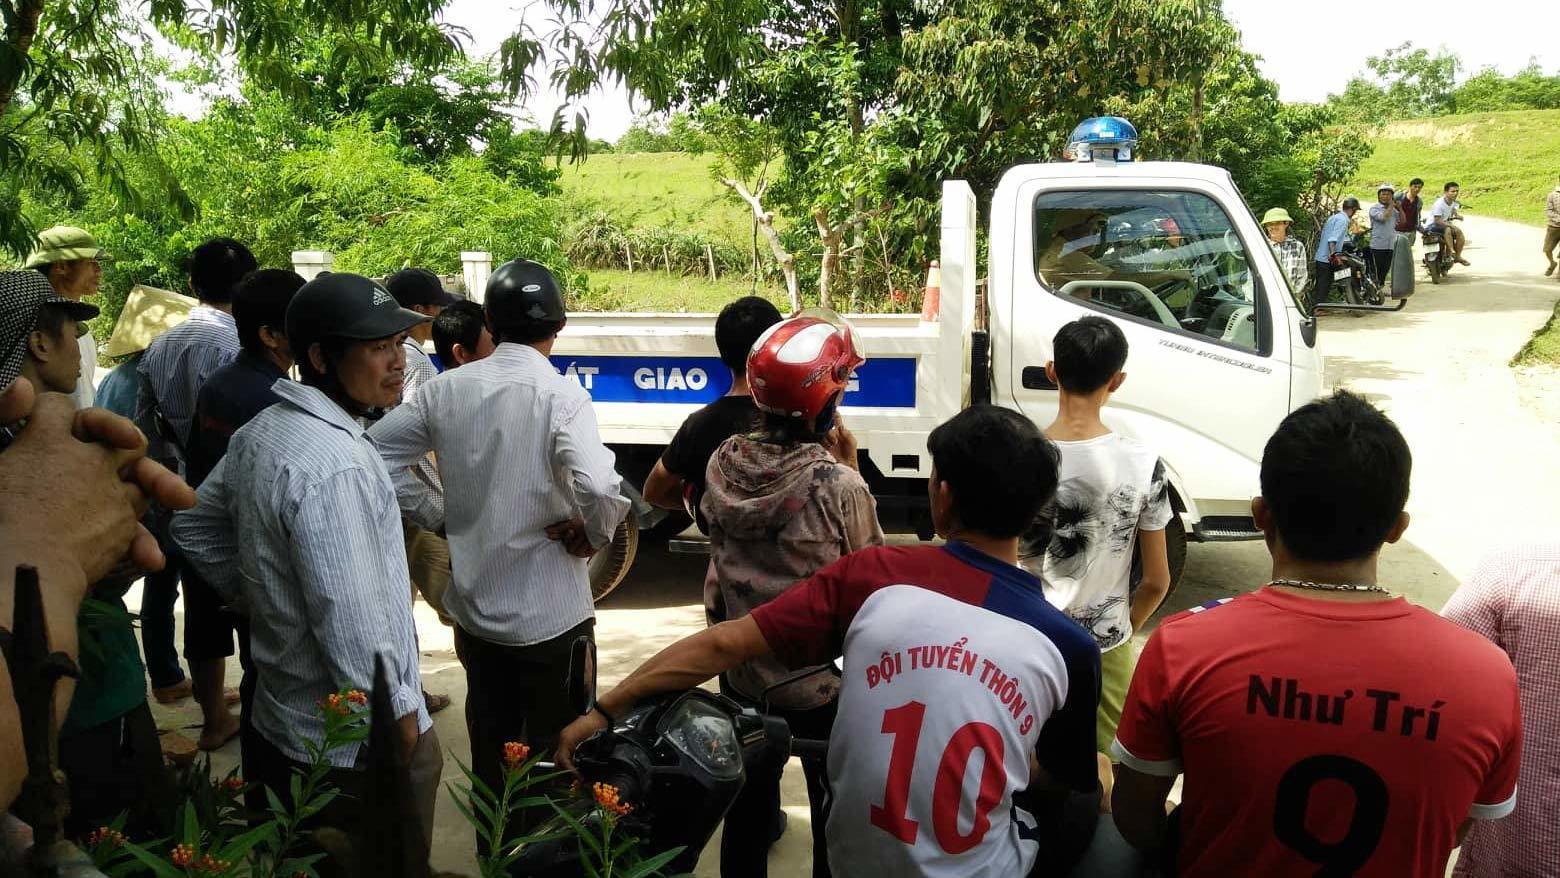 Hà Tĩnh: Xe công trình cán chết bé gái 16 tháng tuổi